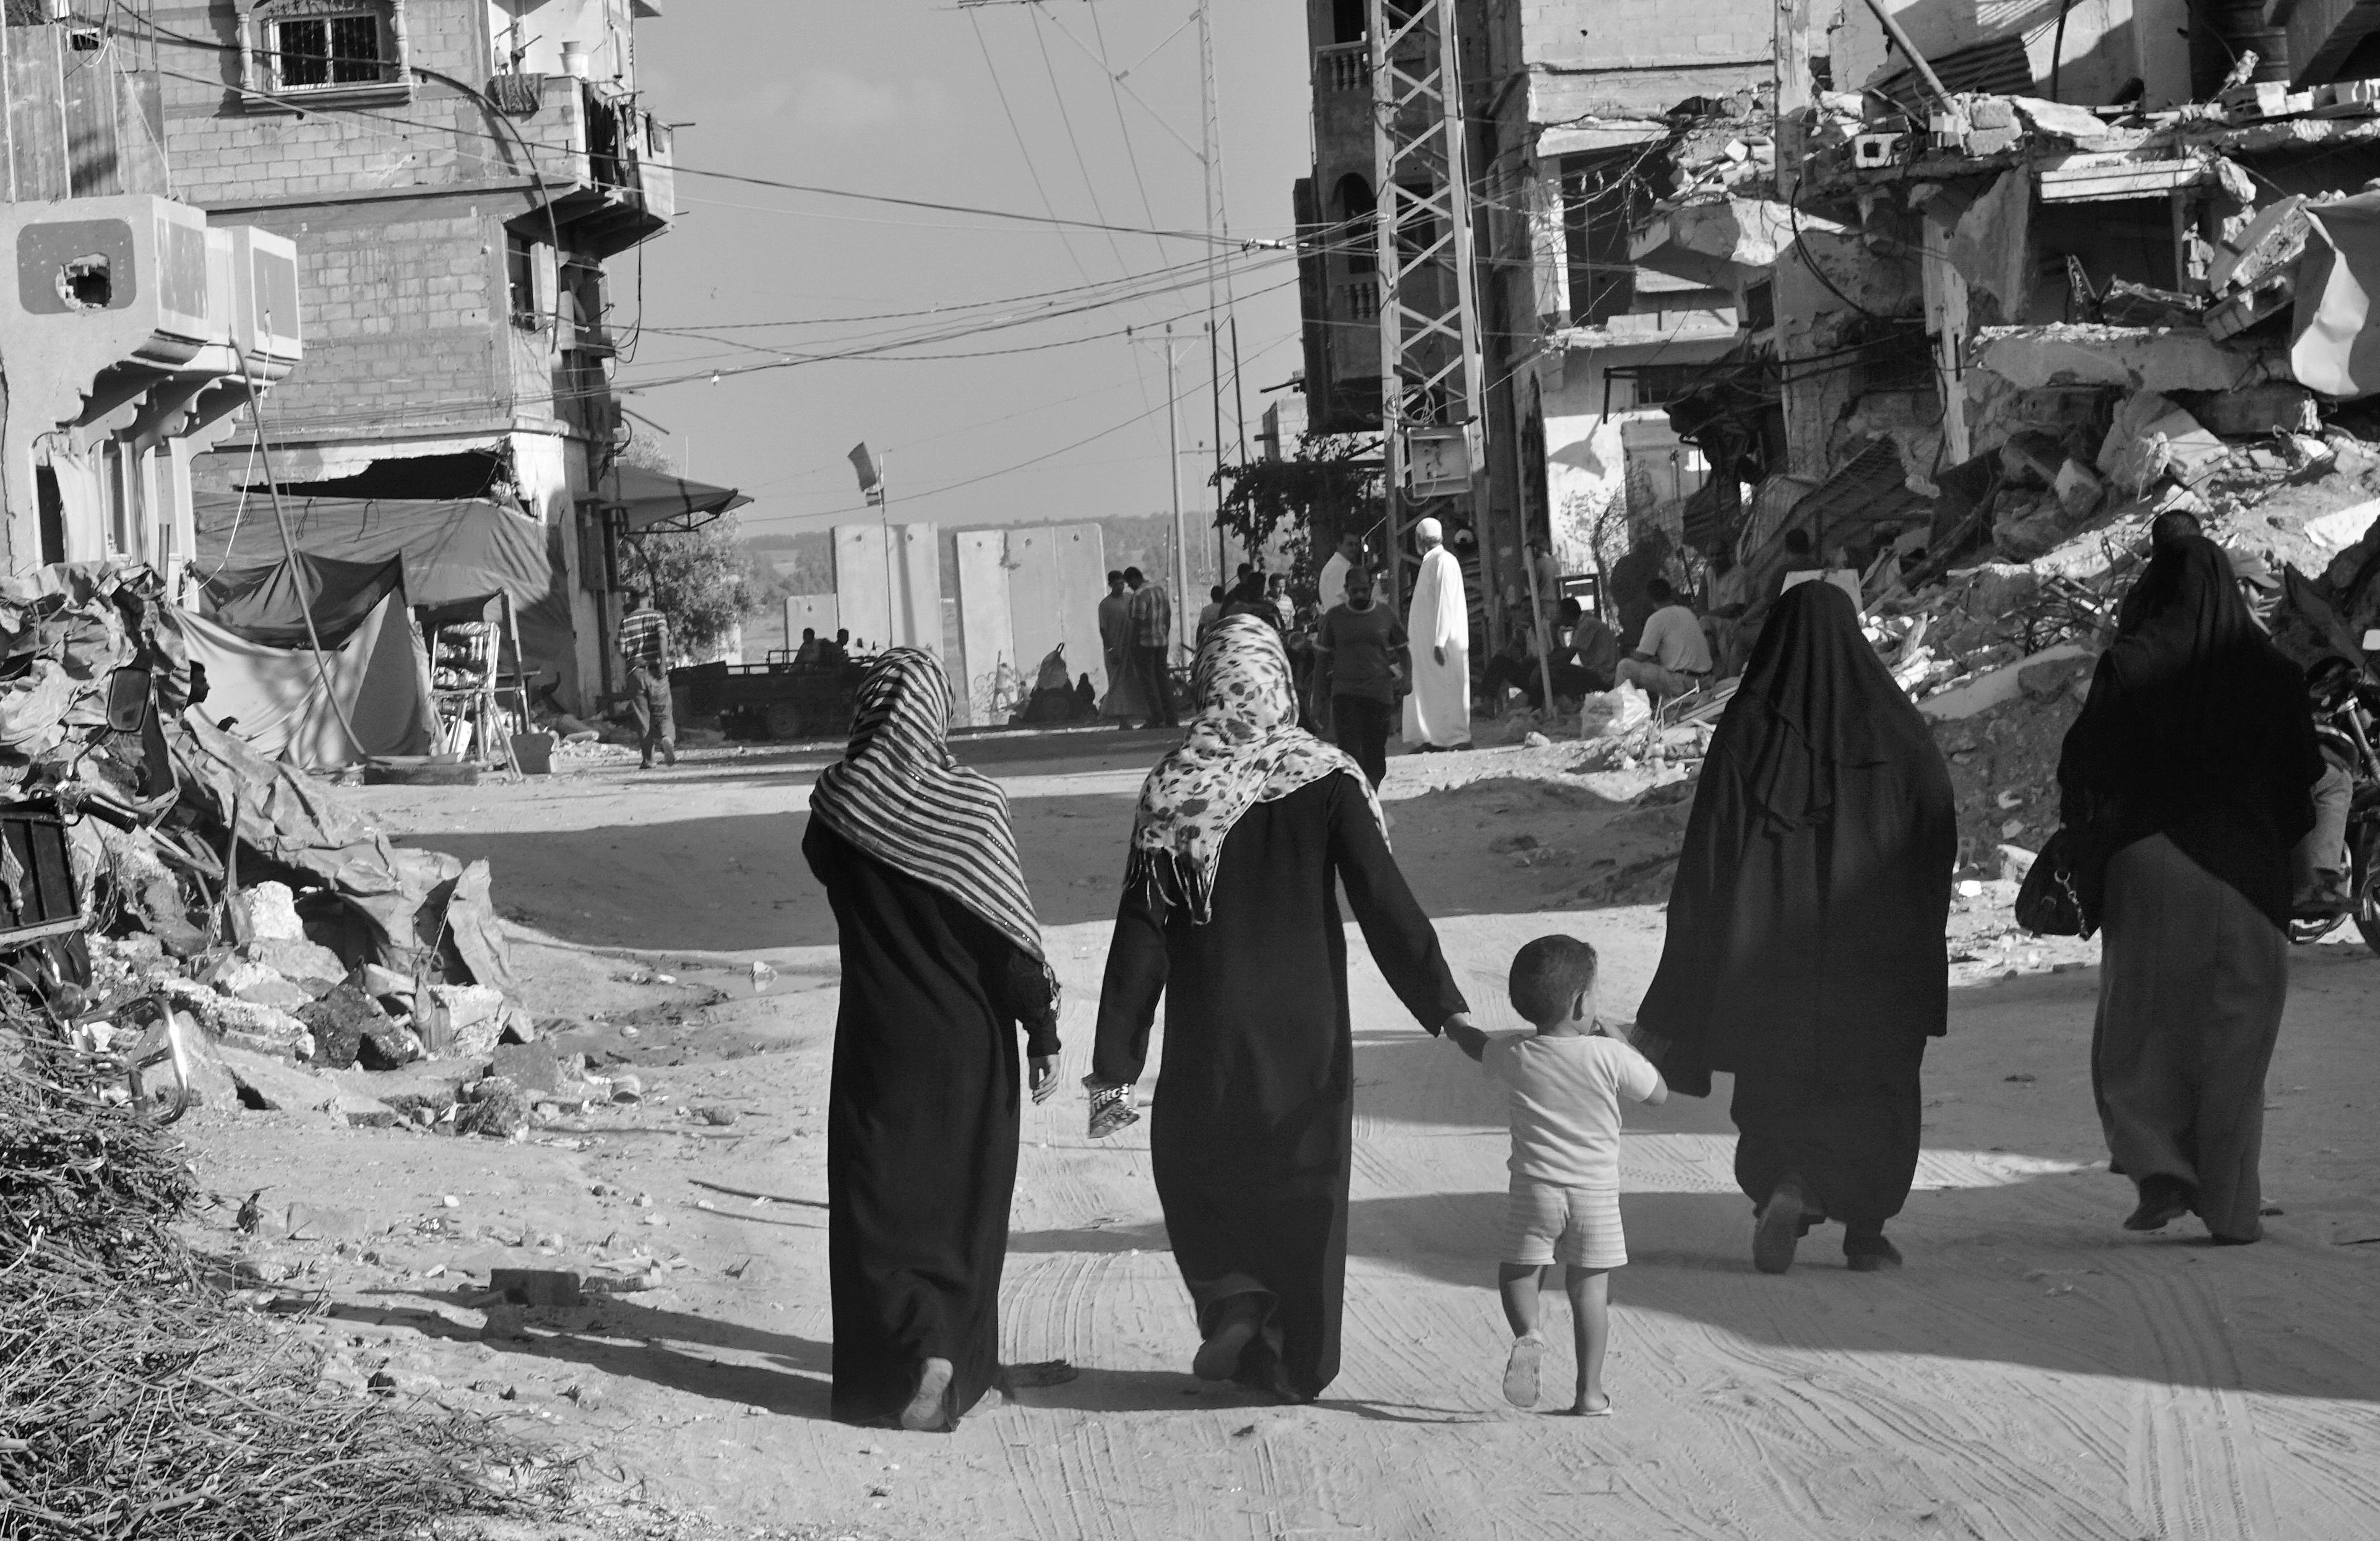 kuzza gaza photograph by gary fields